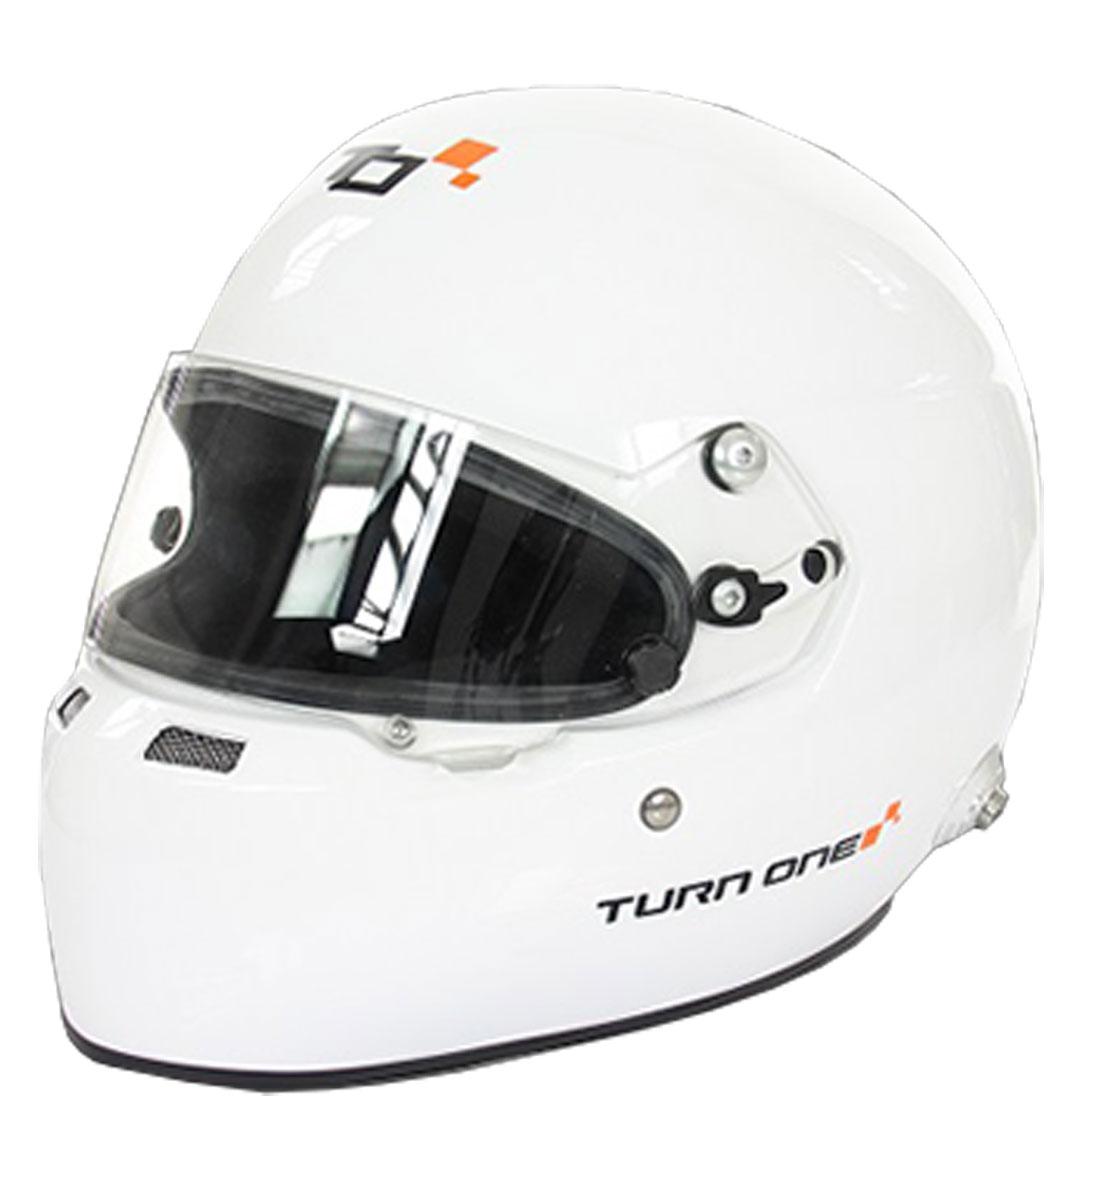 Turn One Full-RS Helmet | FIA8859-15 | White | Medium (57)